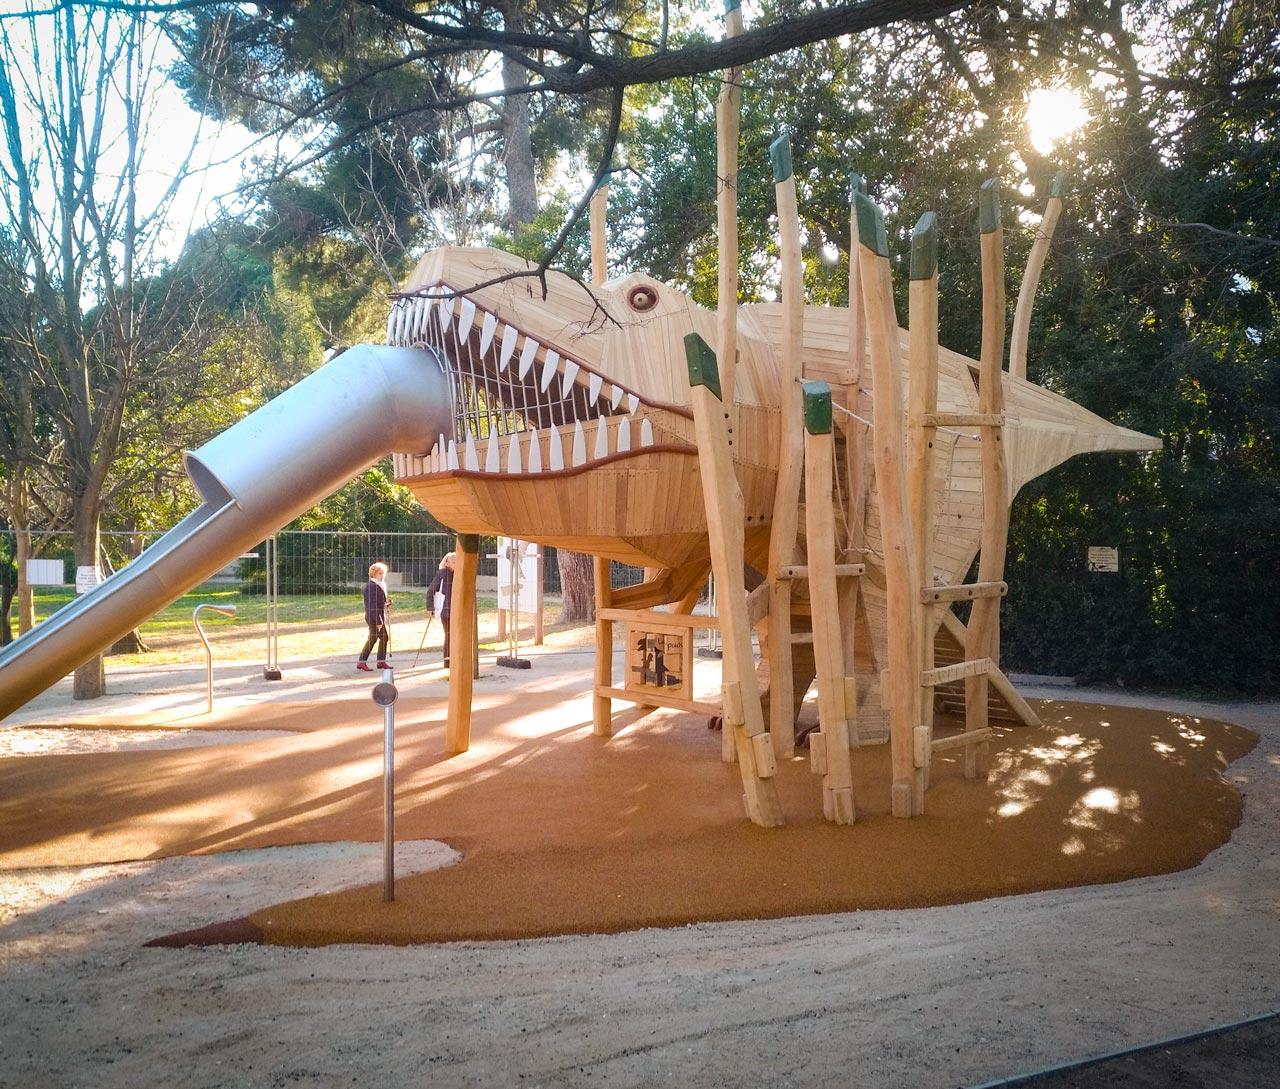 Themenspielplatz T-Rex, Dinosaurier, Toulon, Frankreich